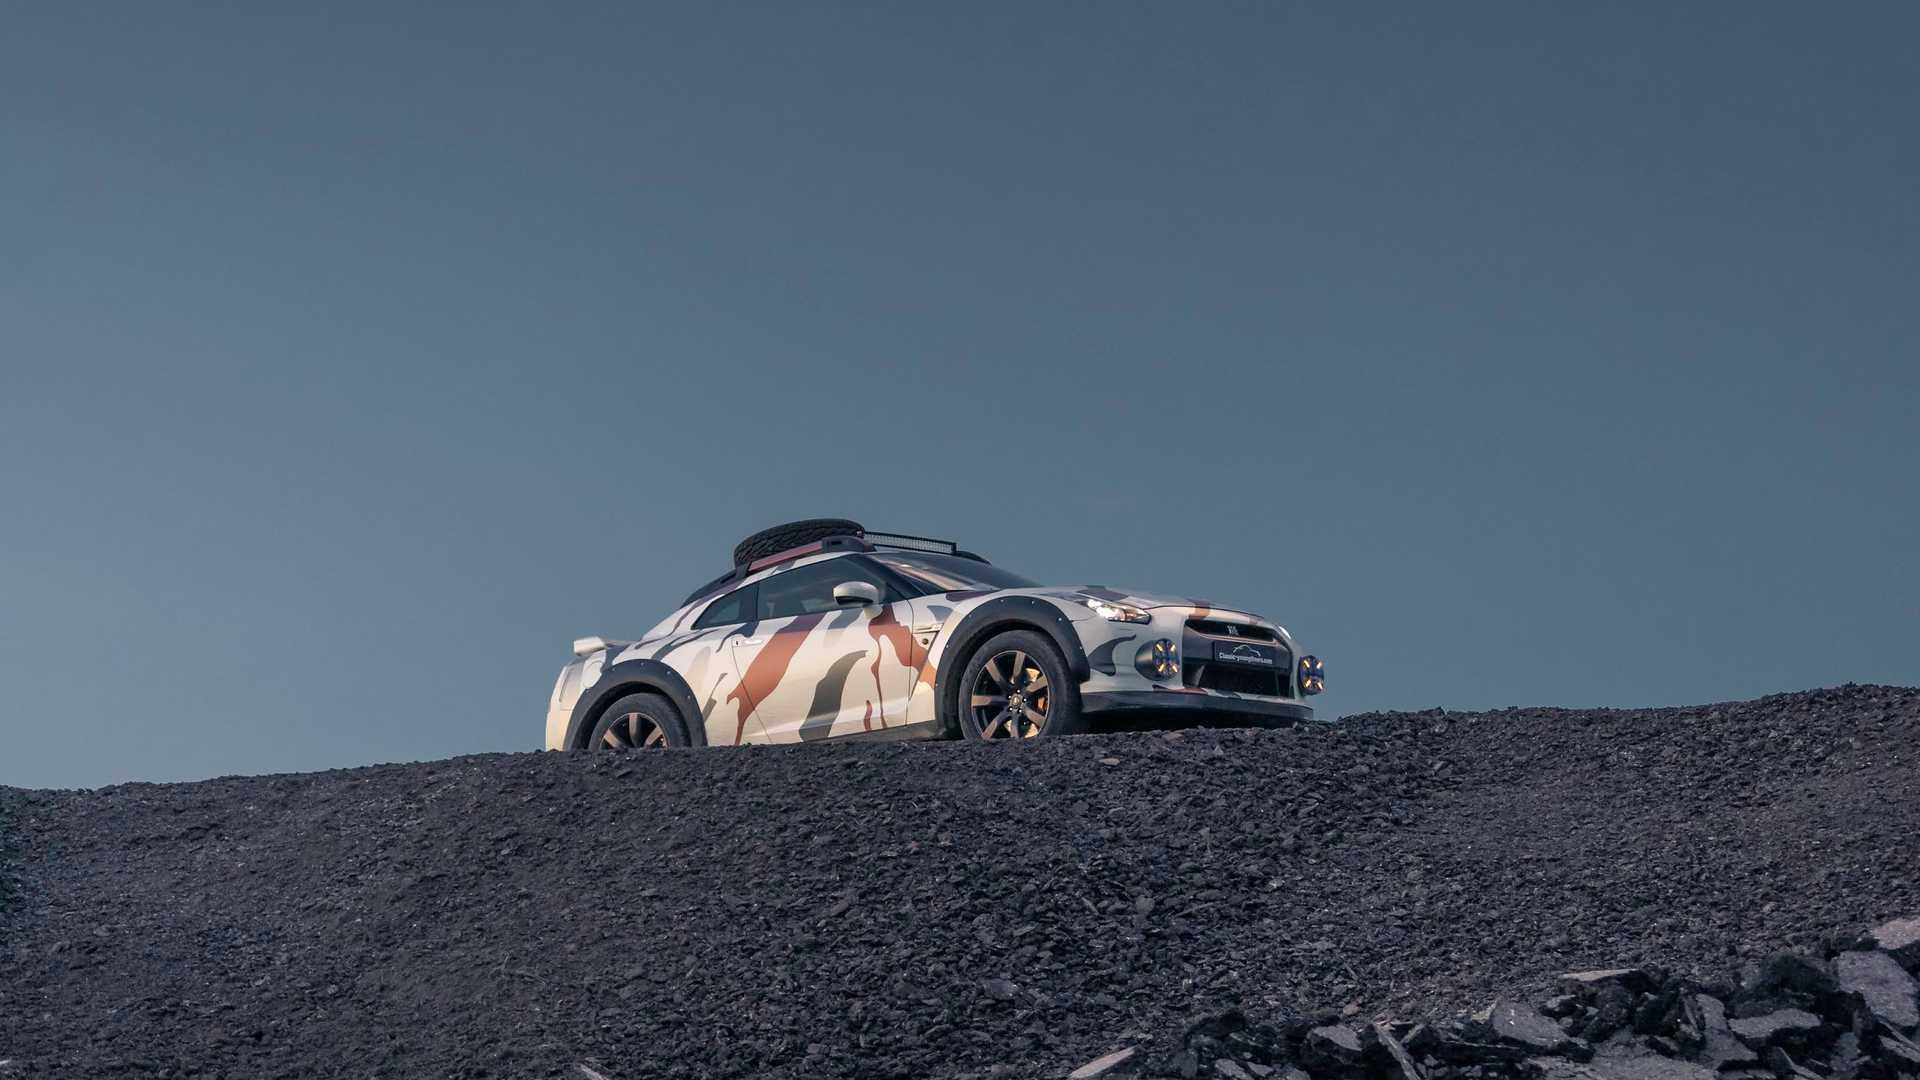 Nissan-GT-R-Offroad-Godzilla-2.0-16